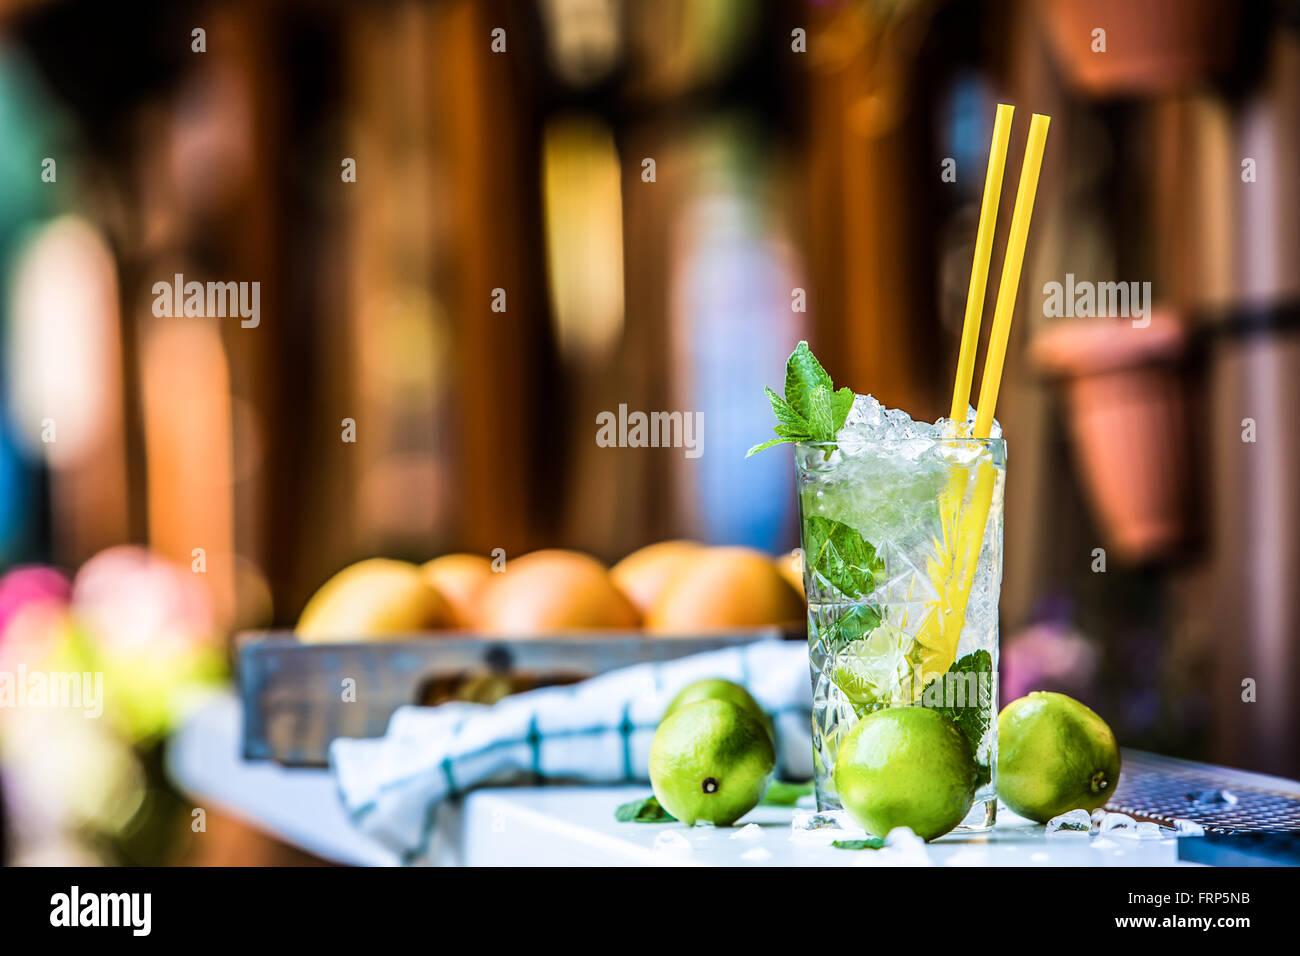 Mojito. Mojito cocktail. Cóctel de vidrio en el mostrador de bar al aire libre. Bebida alcohólica. Imagen De Stock